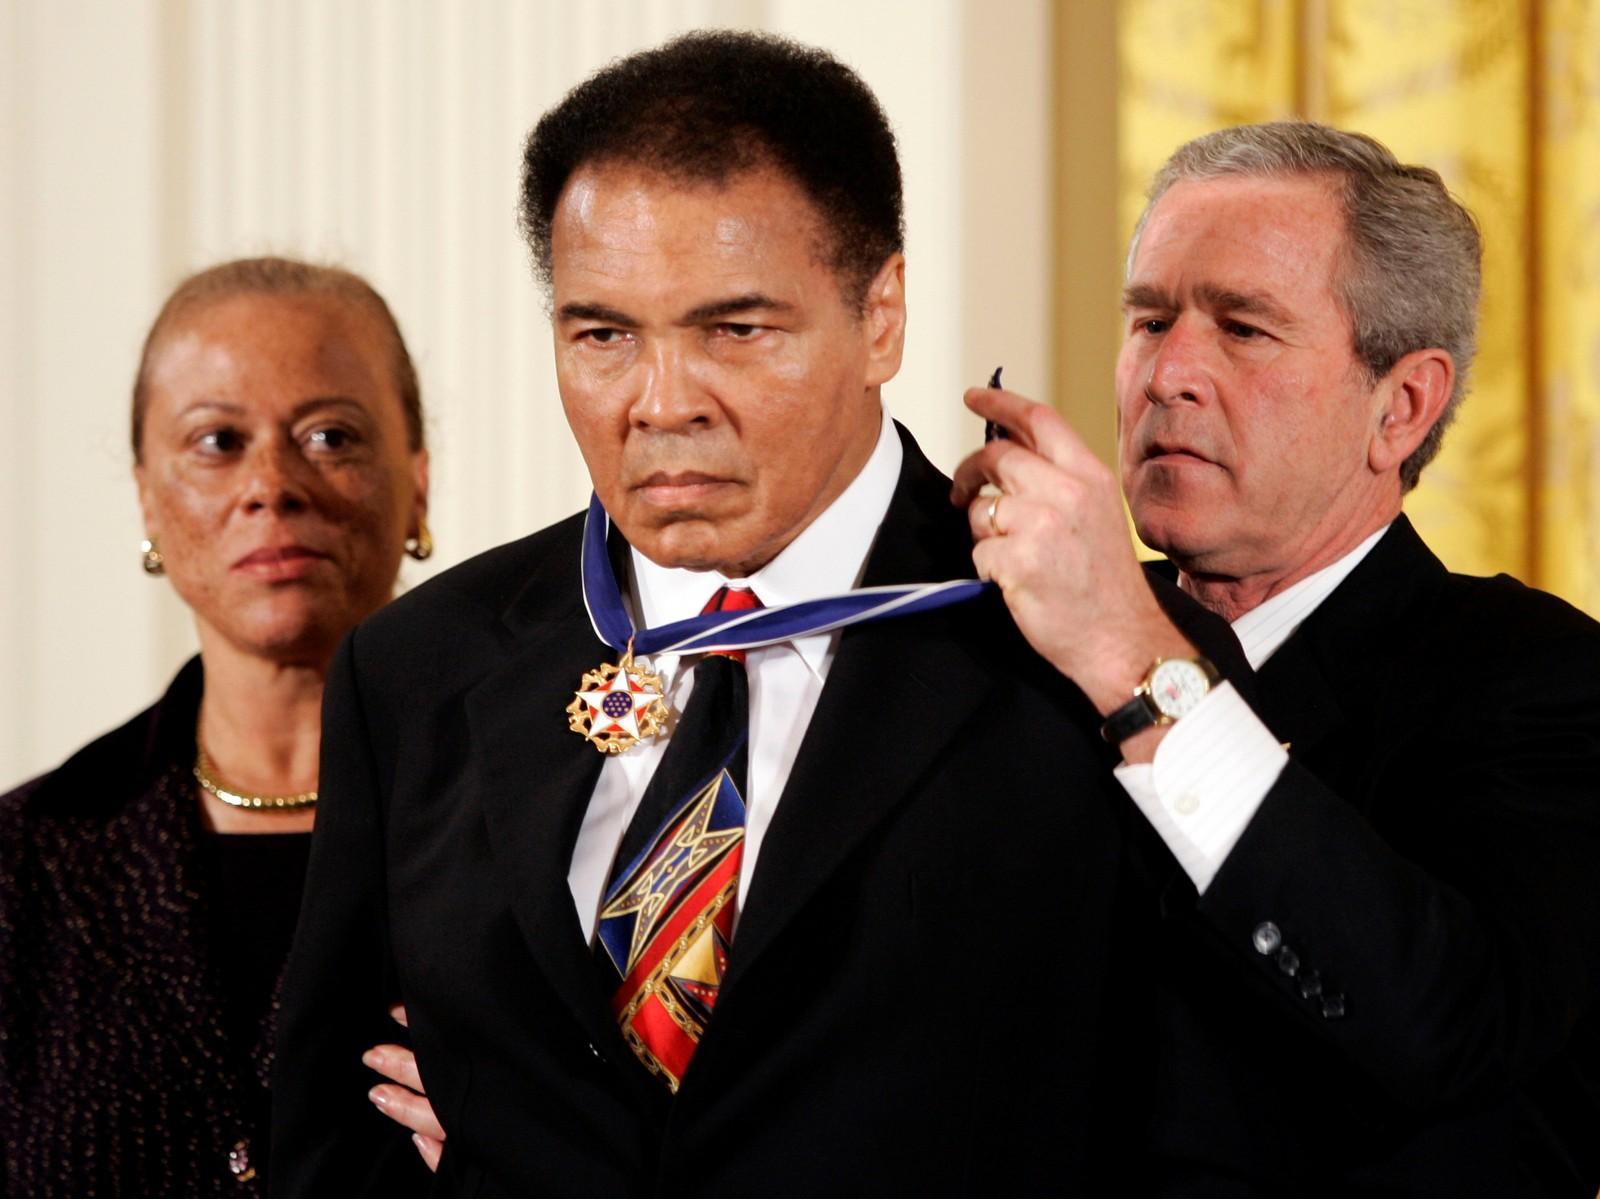 USAs president George W. Bush dekorerer bokselegenden Muhammad Ali med Presidential Medal of Freedom. Alis kone Lonnie står ved Alis side, under en seremoni i East Room i Det hvite hus i Washington 09.11.2005.